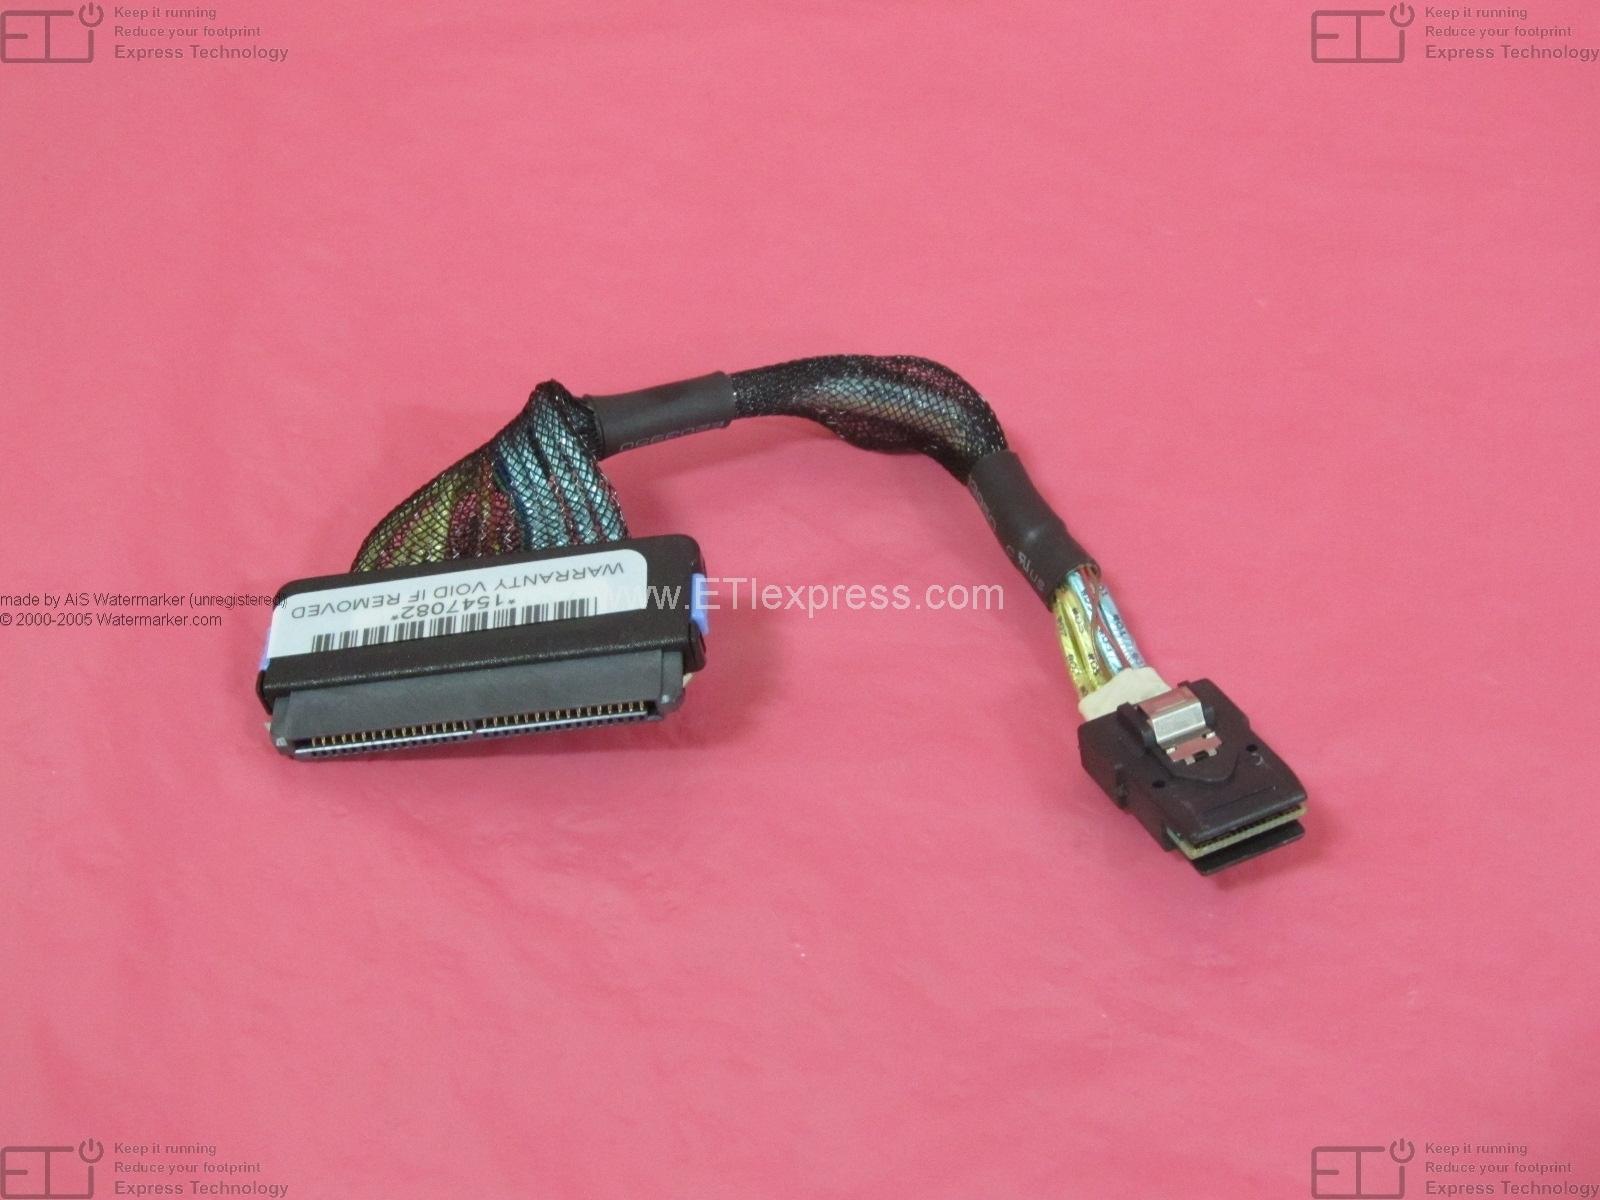 D6805 Dell Inc 6 INCH SATA CABLE